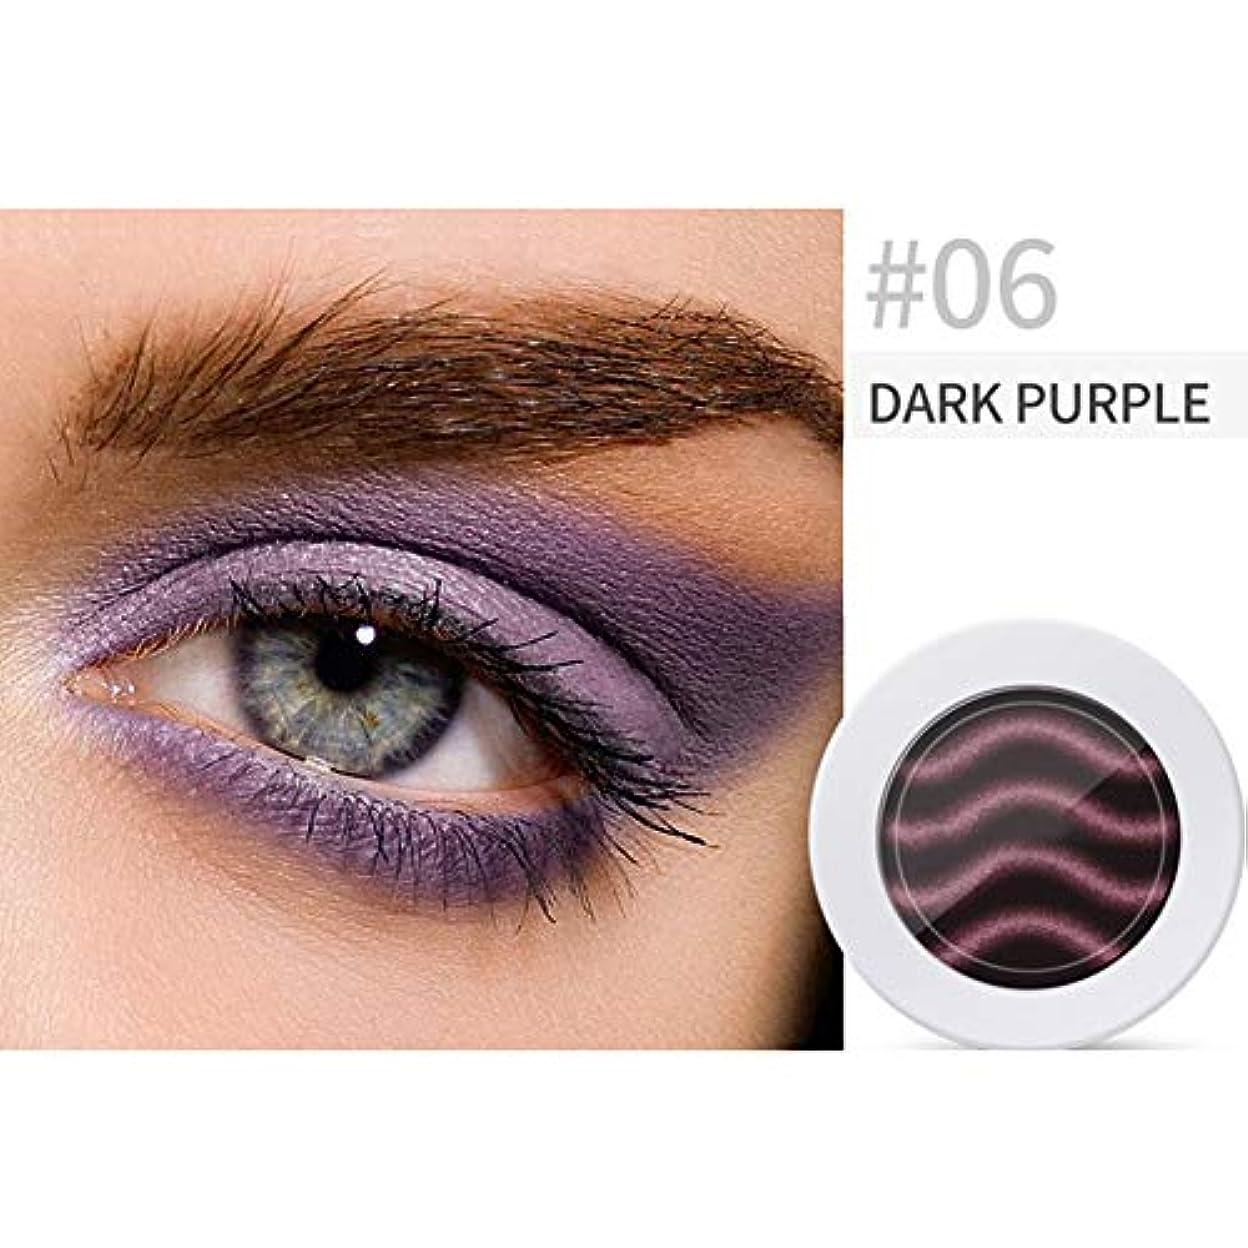 安息学習者形Rabugogo パールライトマットグラデーションアイシャドウコンターパウダーメイクアップツールフェイスハイライト 6#濃い紫